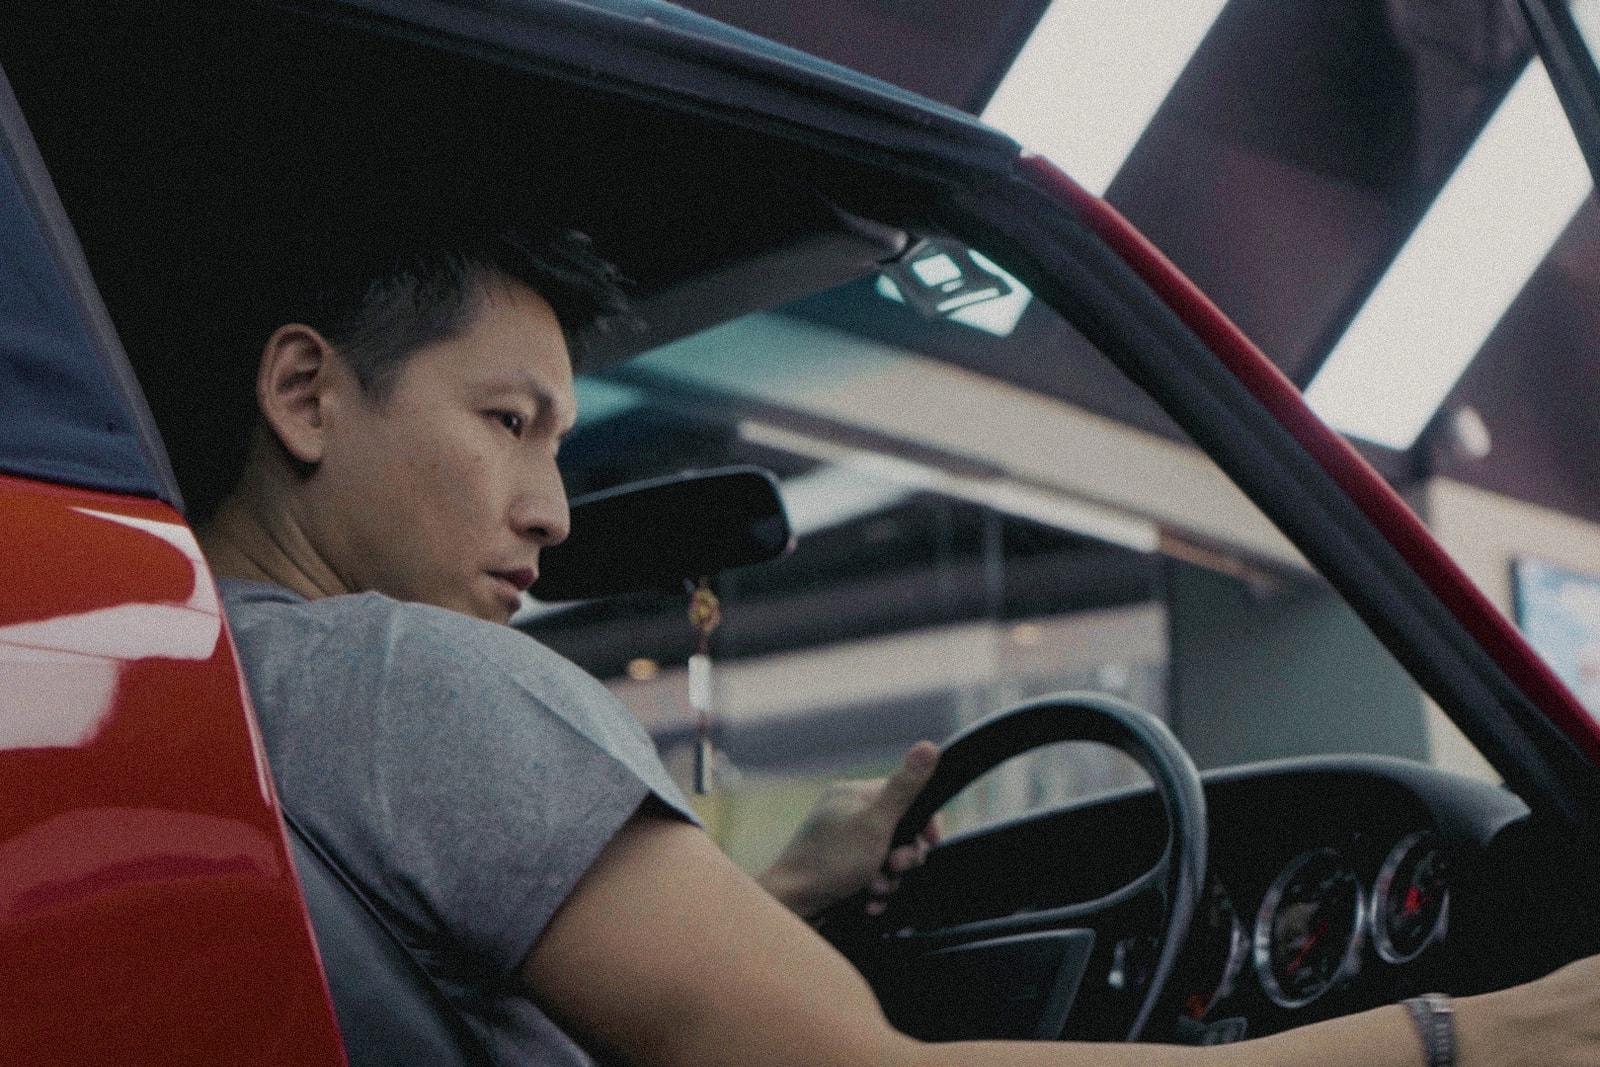 由 964 Backdate 復古 911 到香港首台 Cayenne LUMMA- 5 位 Porsche 車主細說「男人之浪漫」